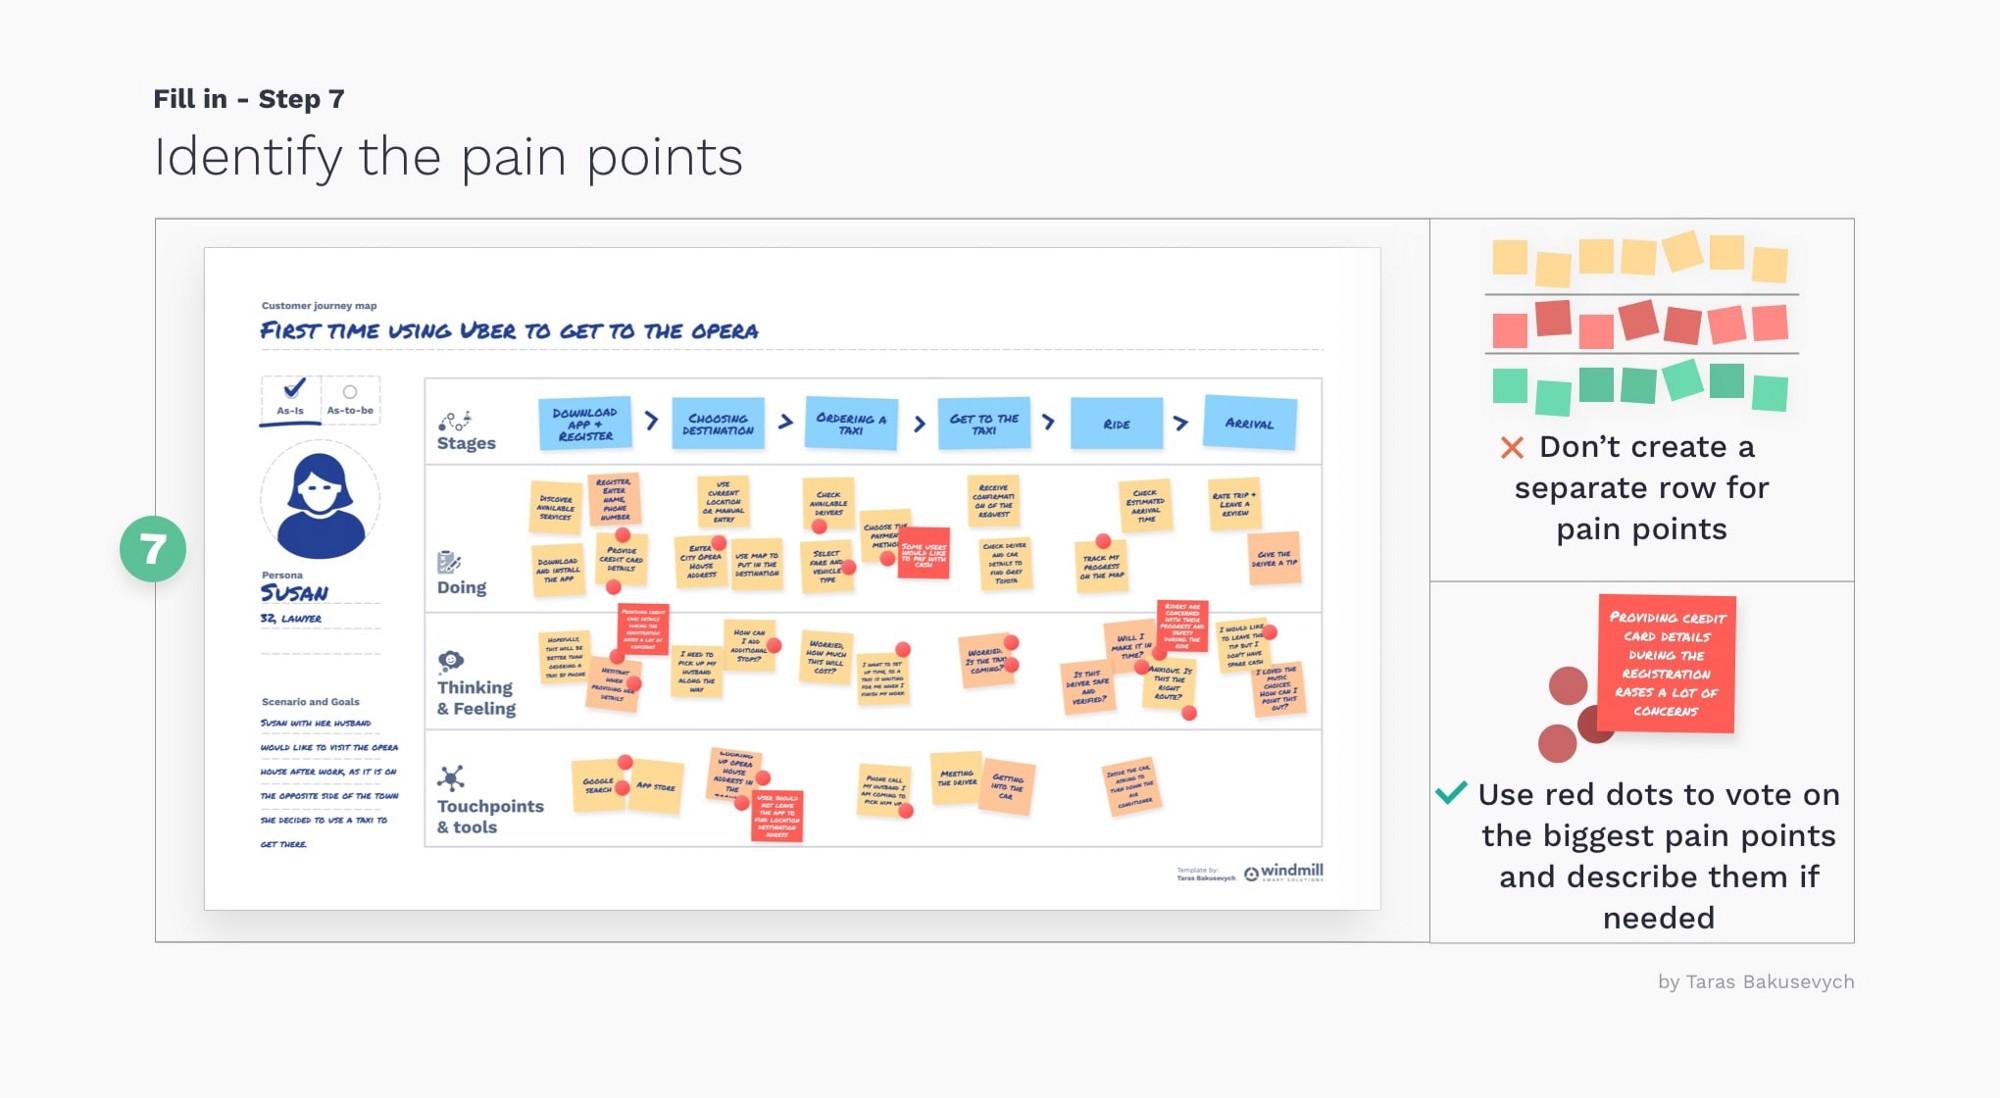 九个步骤搞定!用户历程图终极制作指南(附模板)